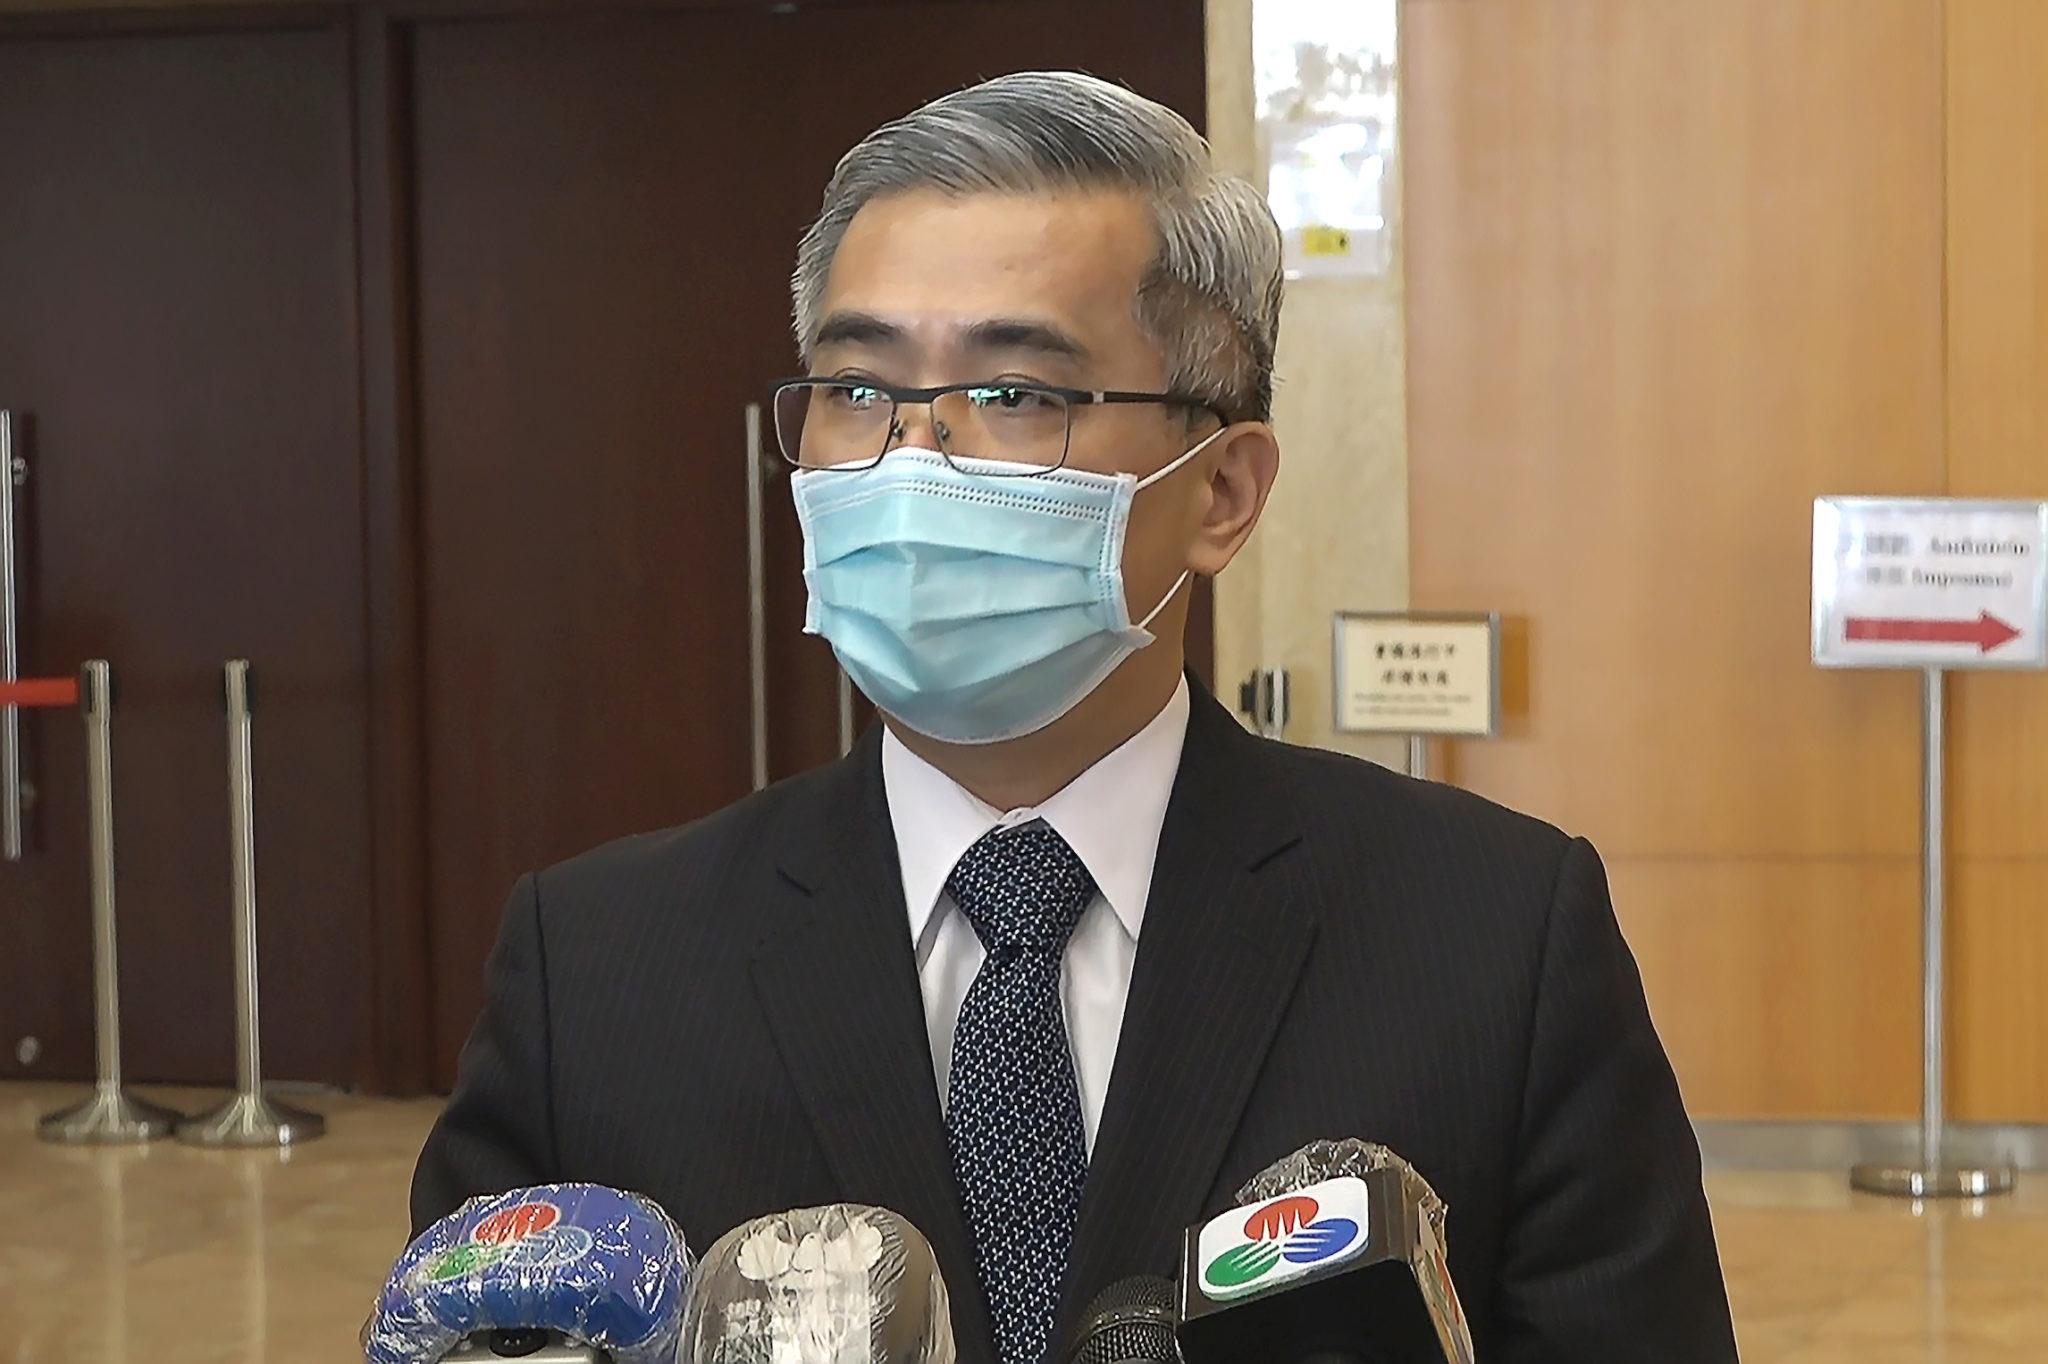 Covid-19 | Vacinação começa hoje, Wong Sio Chak, Elsie Ao Ieong e Lei Chin Ion dão o exemplo